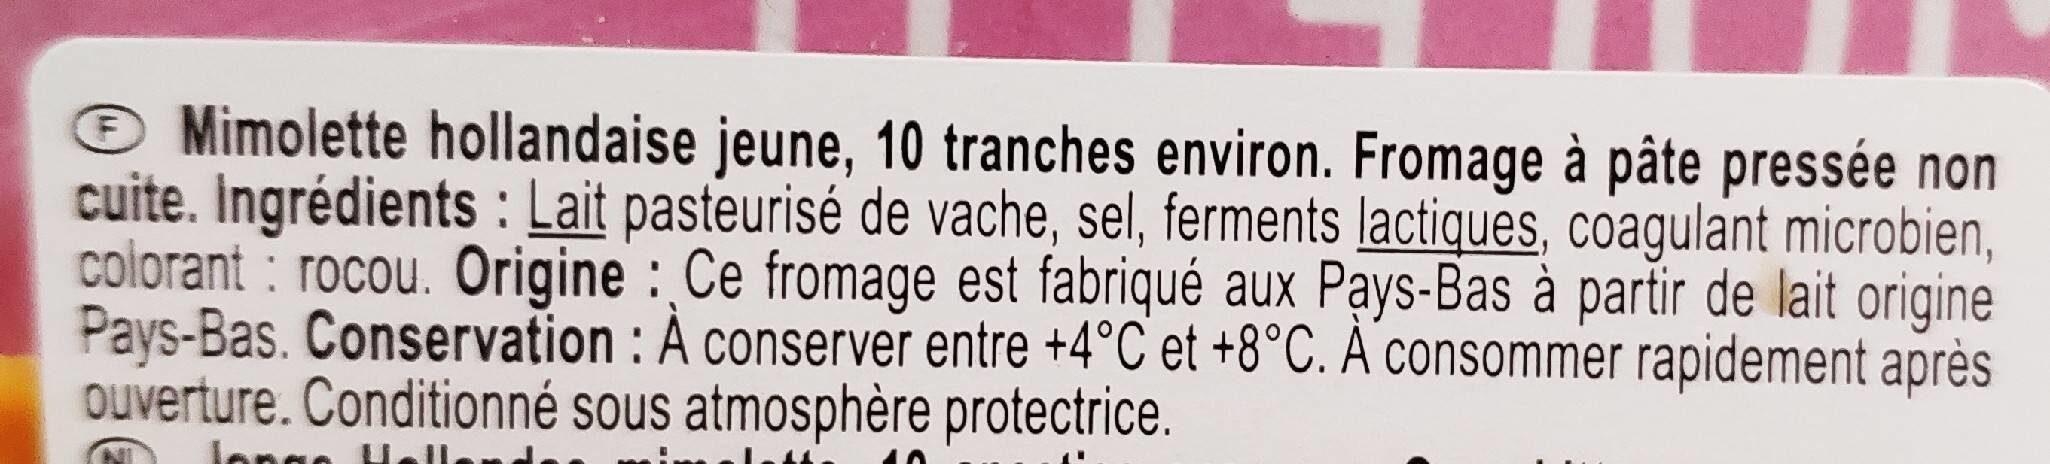 Mimolette - Ingrédients - fr